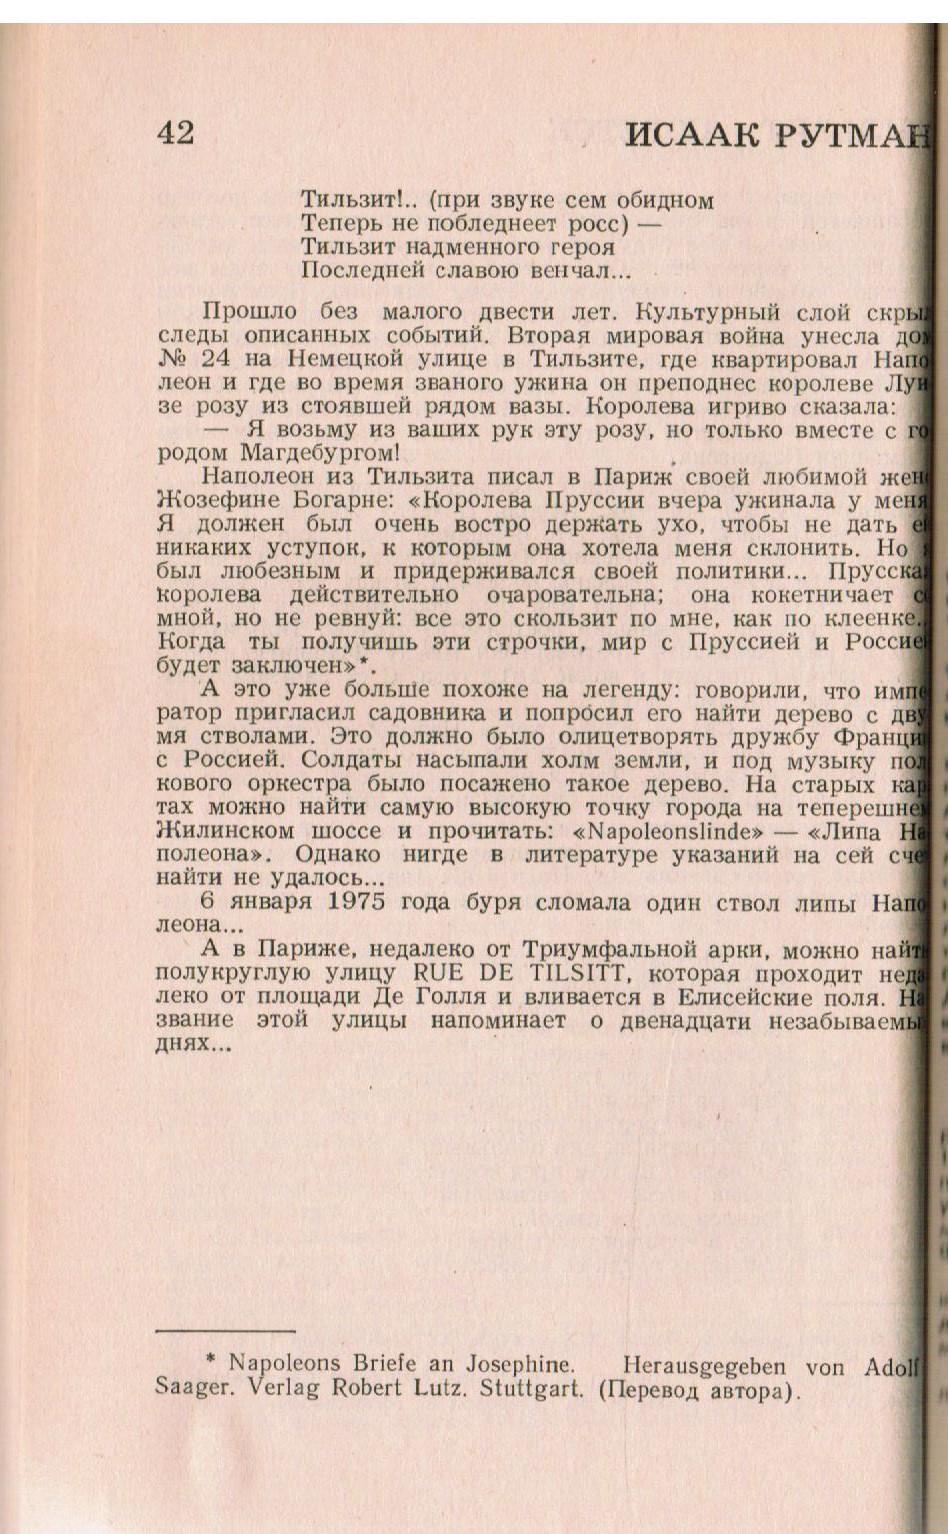 Всё о нашем крае в одном журнале, изображение №24